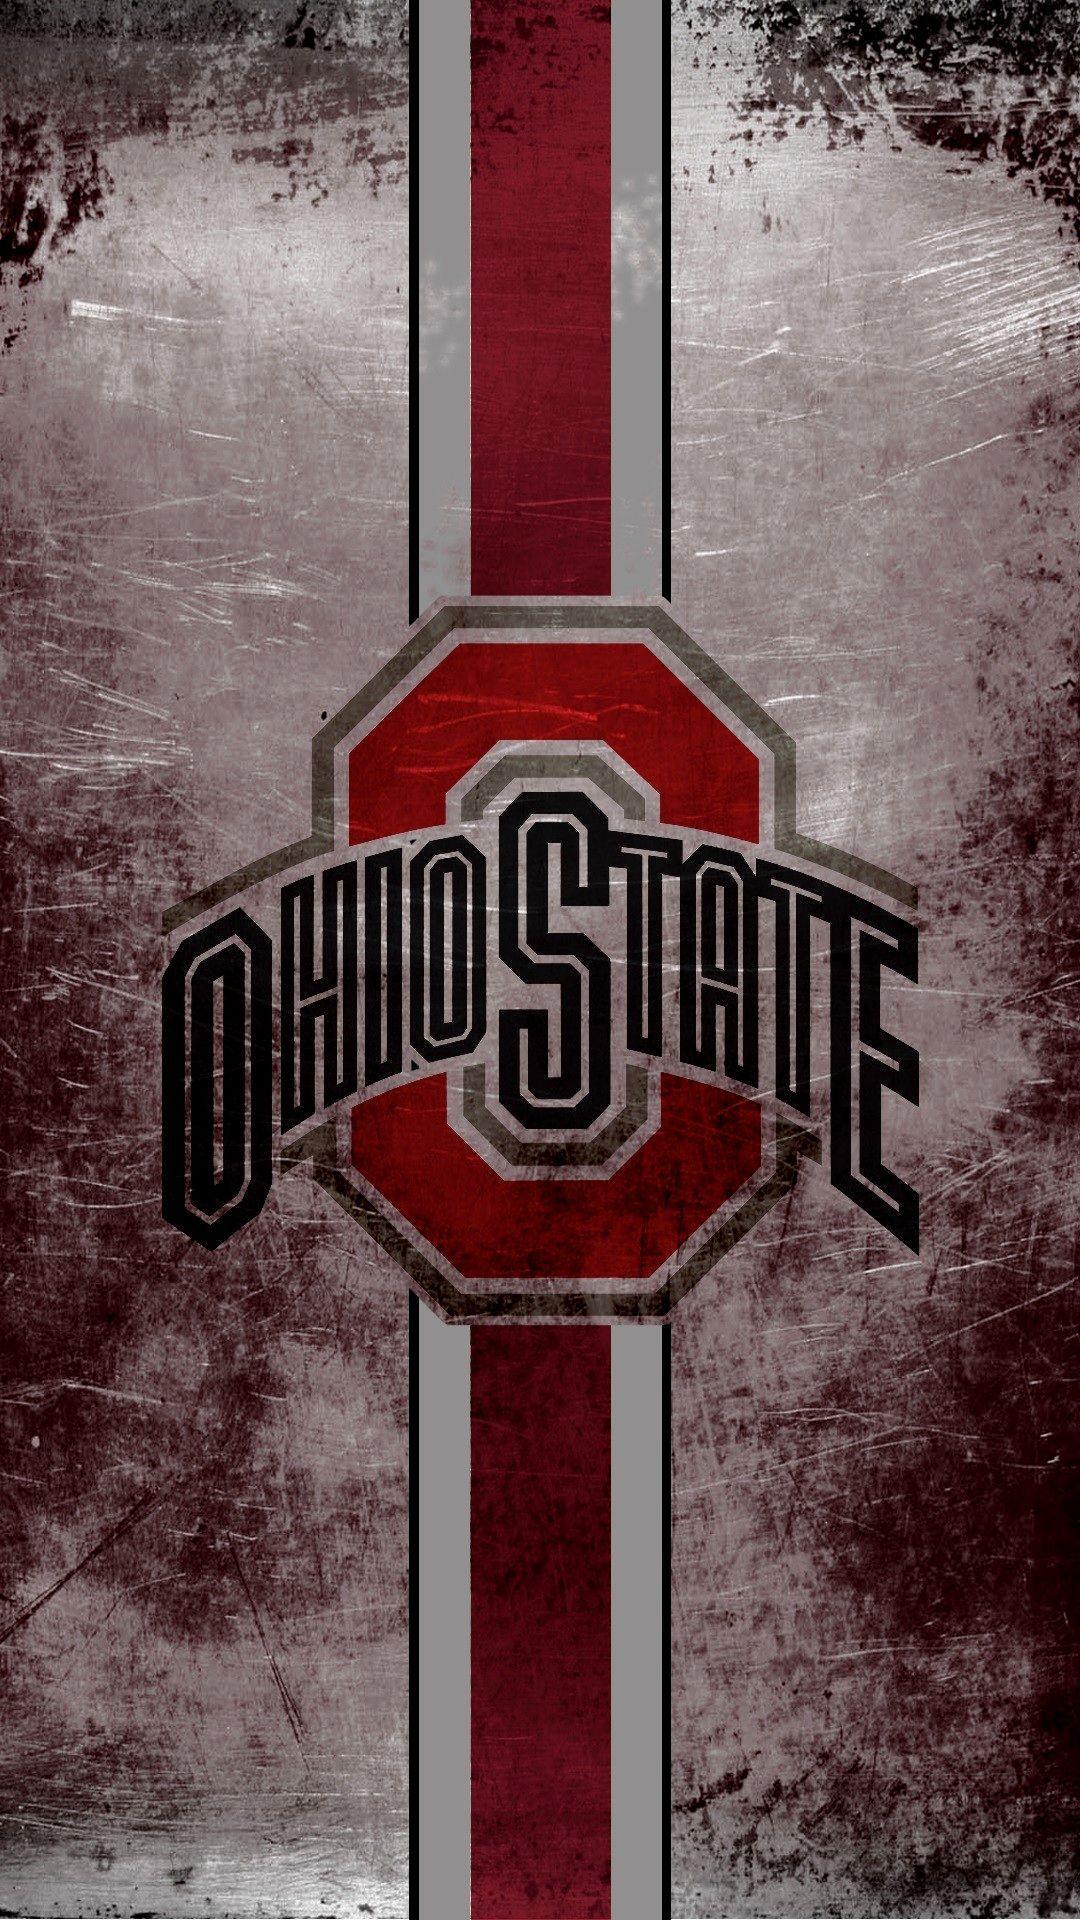 Ohio State Wallpaper For Desktop Wallpaper Ohio state